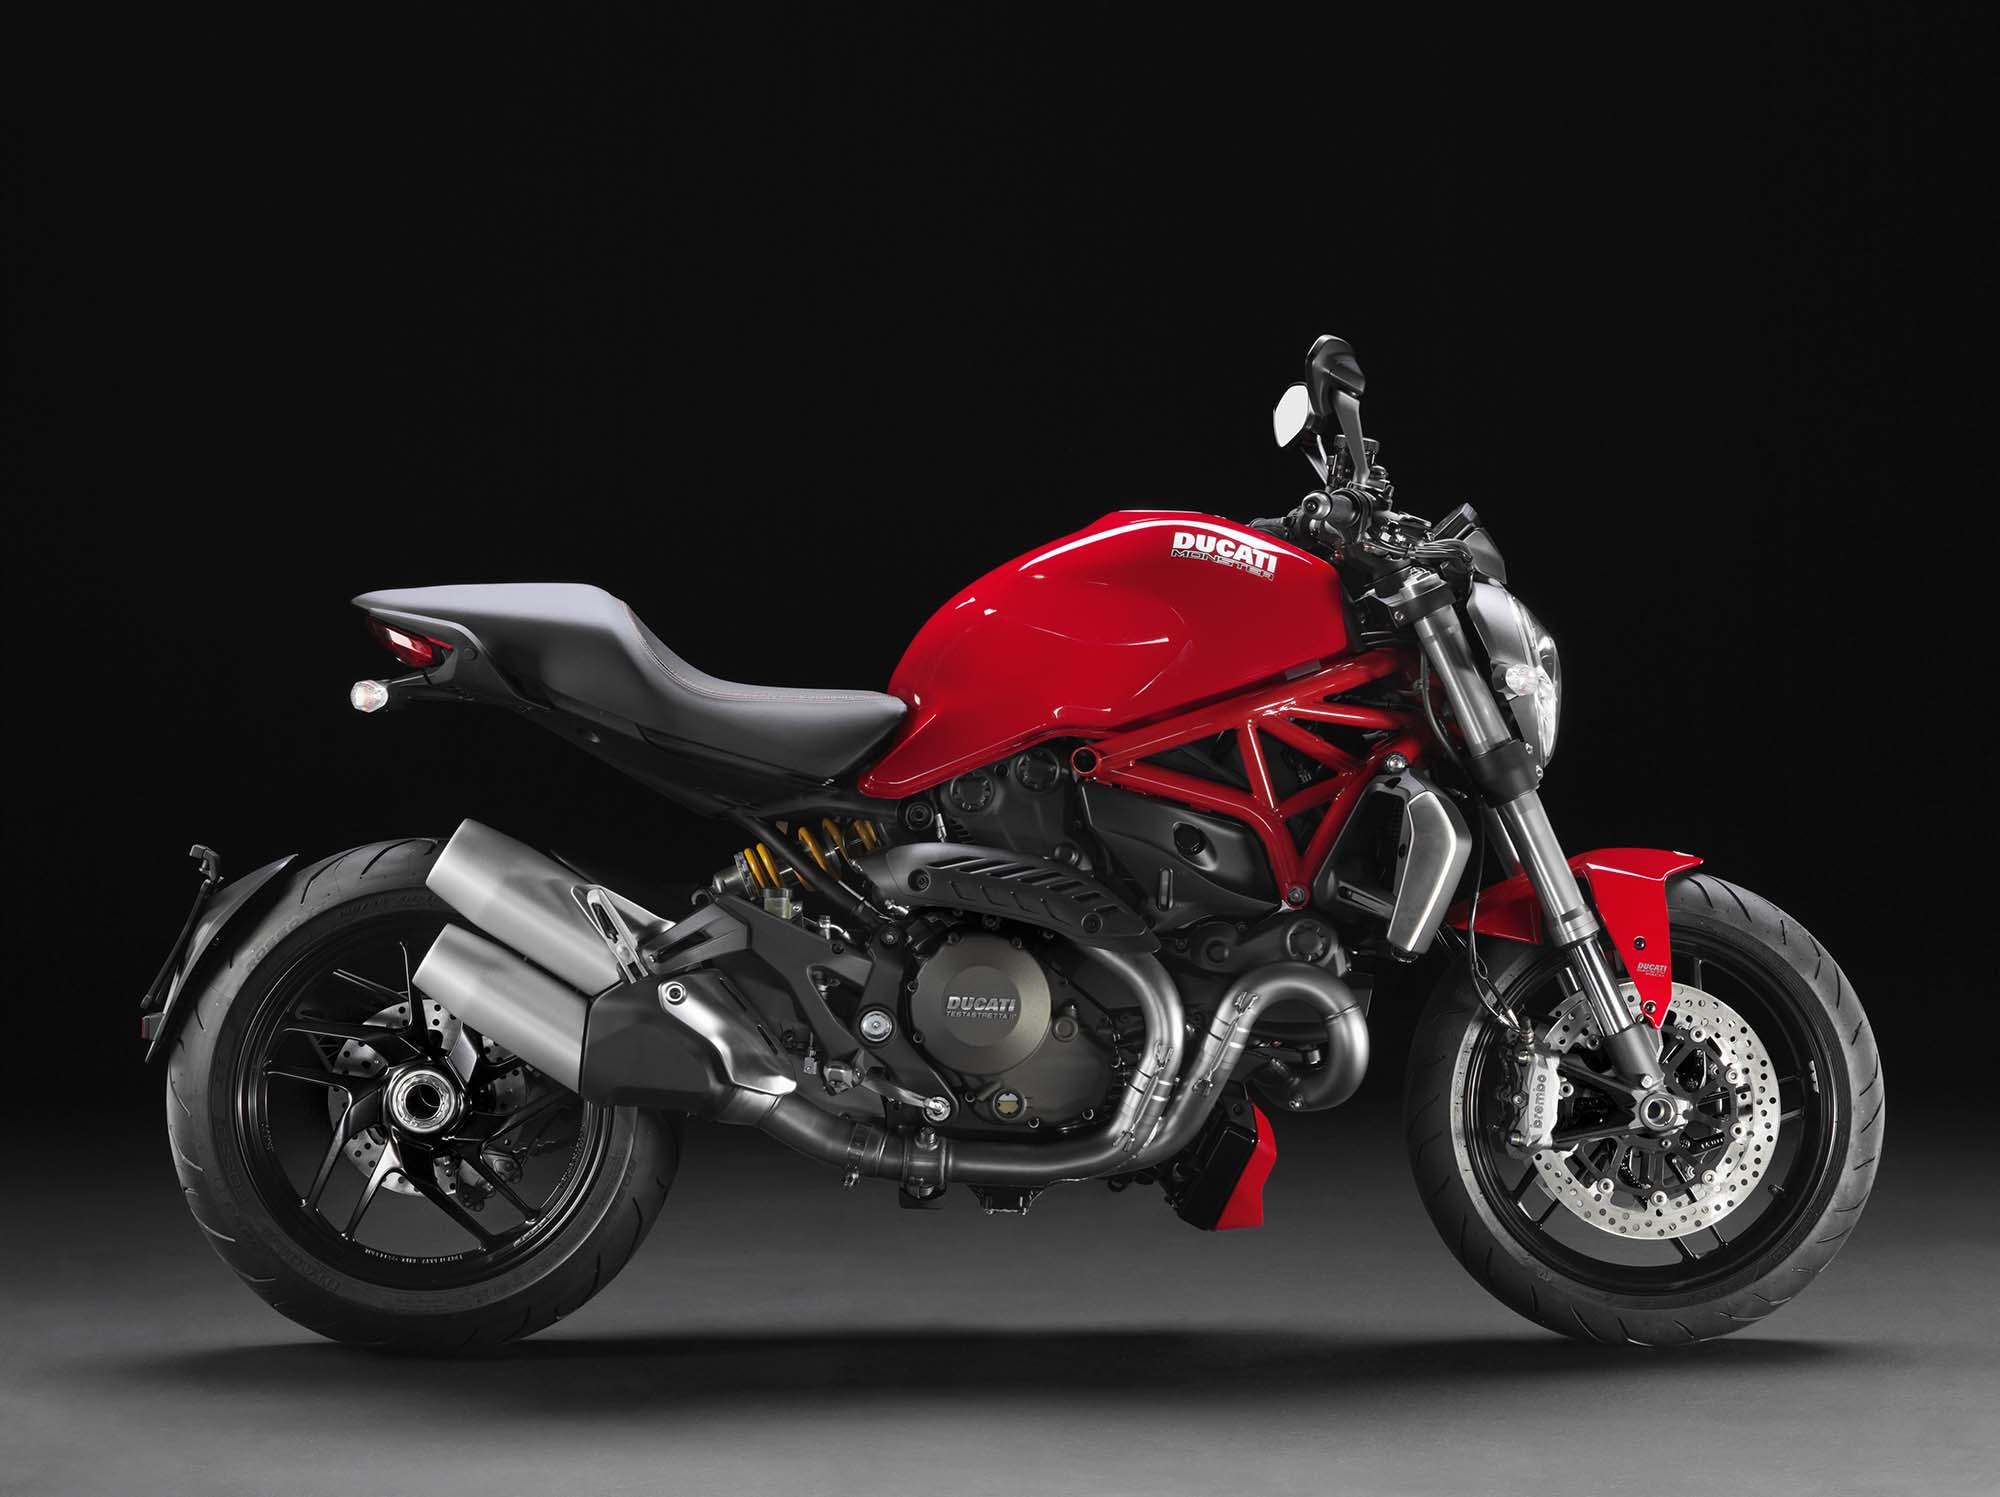 http://www.asphaltandrubber.com/wp-content/uploads/2013/11/2104-Ducati-Monster-1200-02.jpg